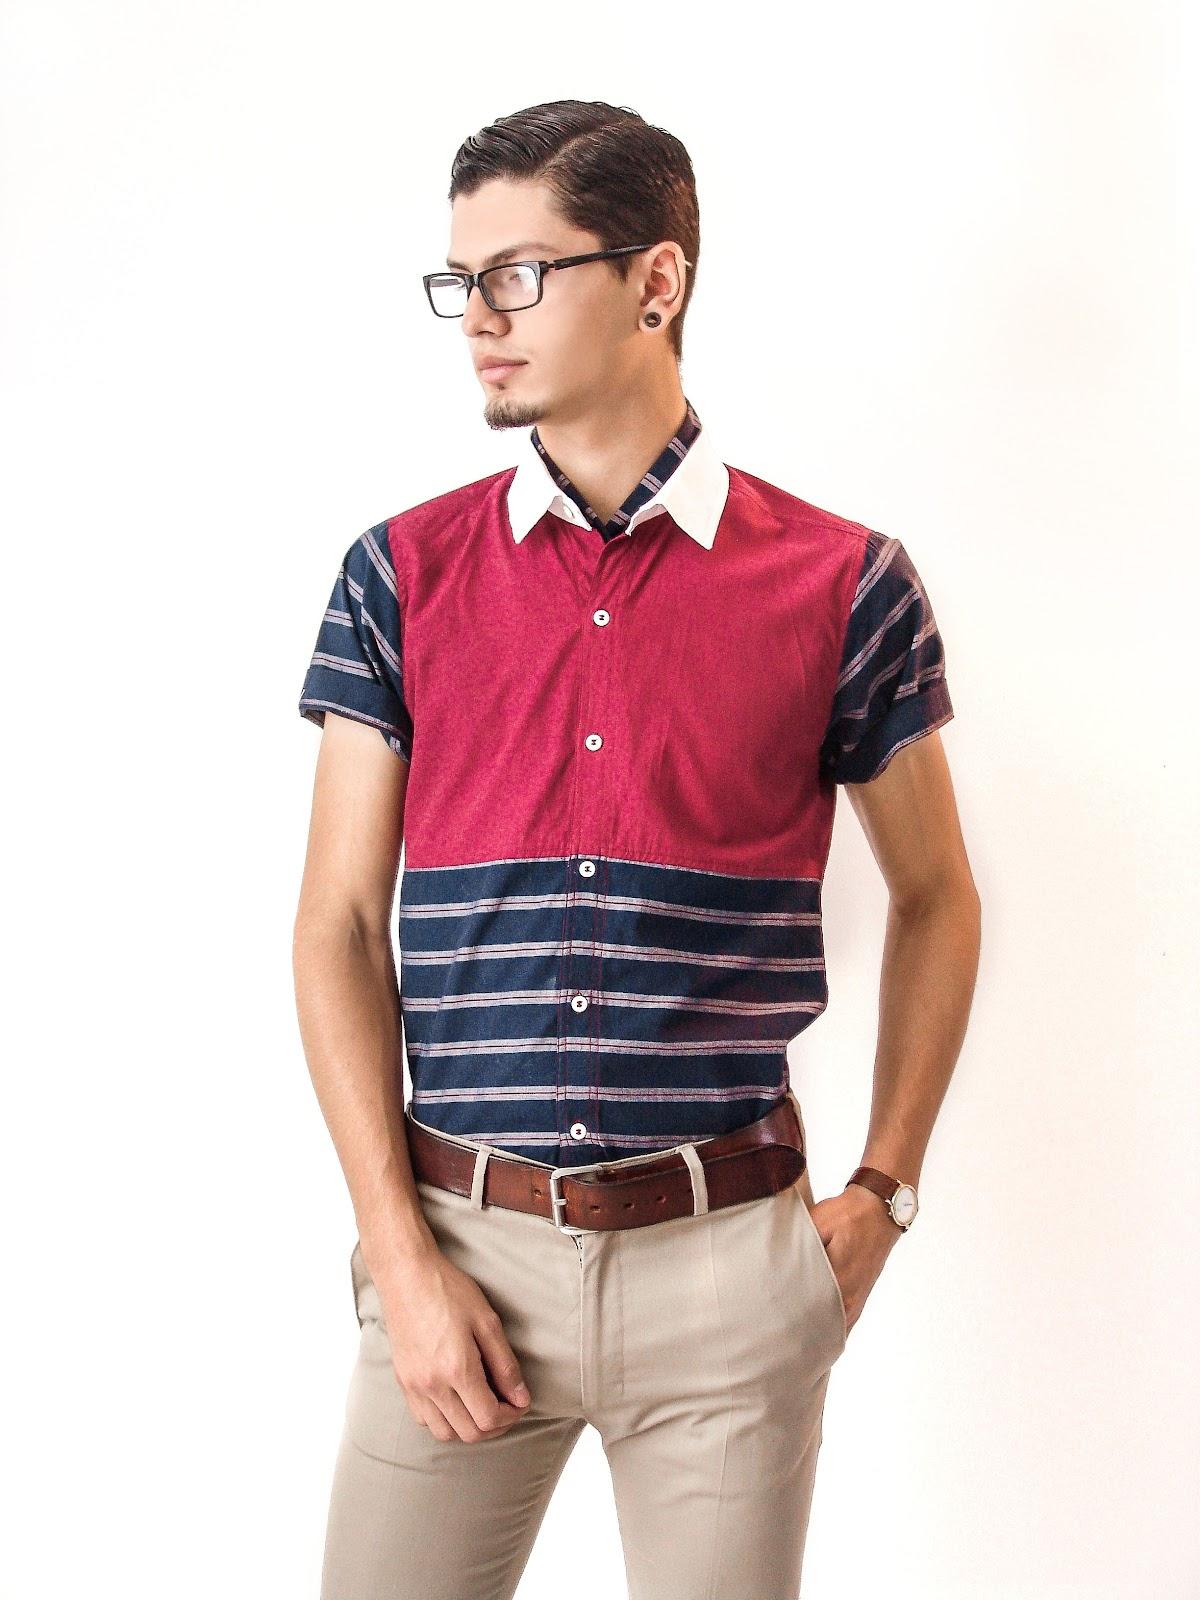 ea67993cf21b Nuevas prendas para hombres del diseñador Luis Mario Centeno   El ...